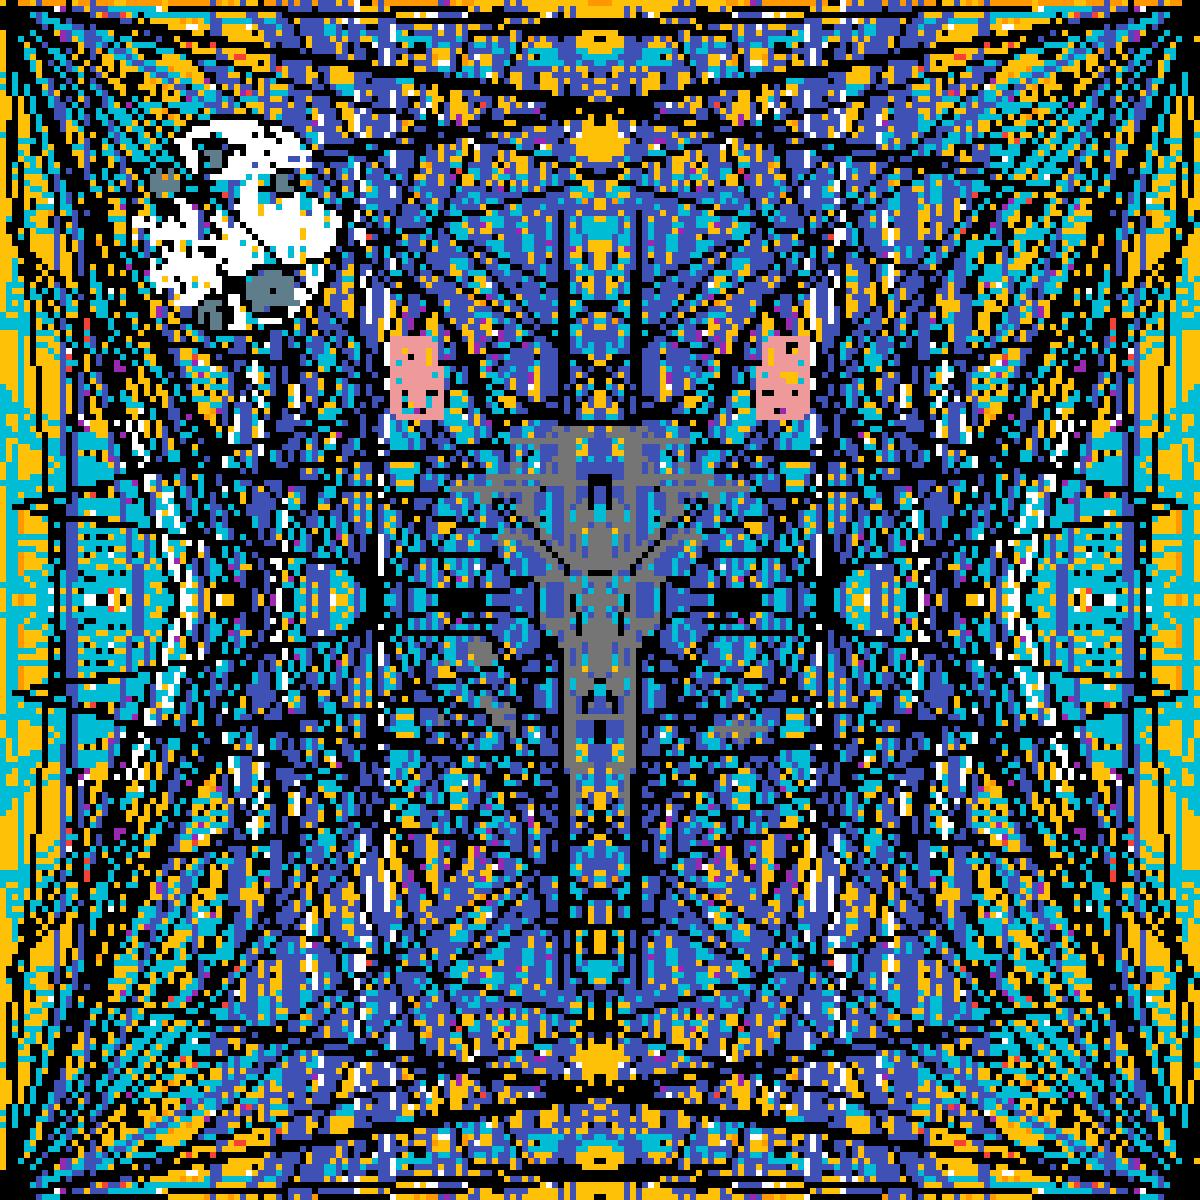 WOLF by depressionprior